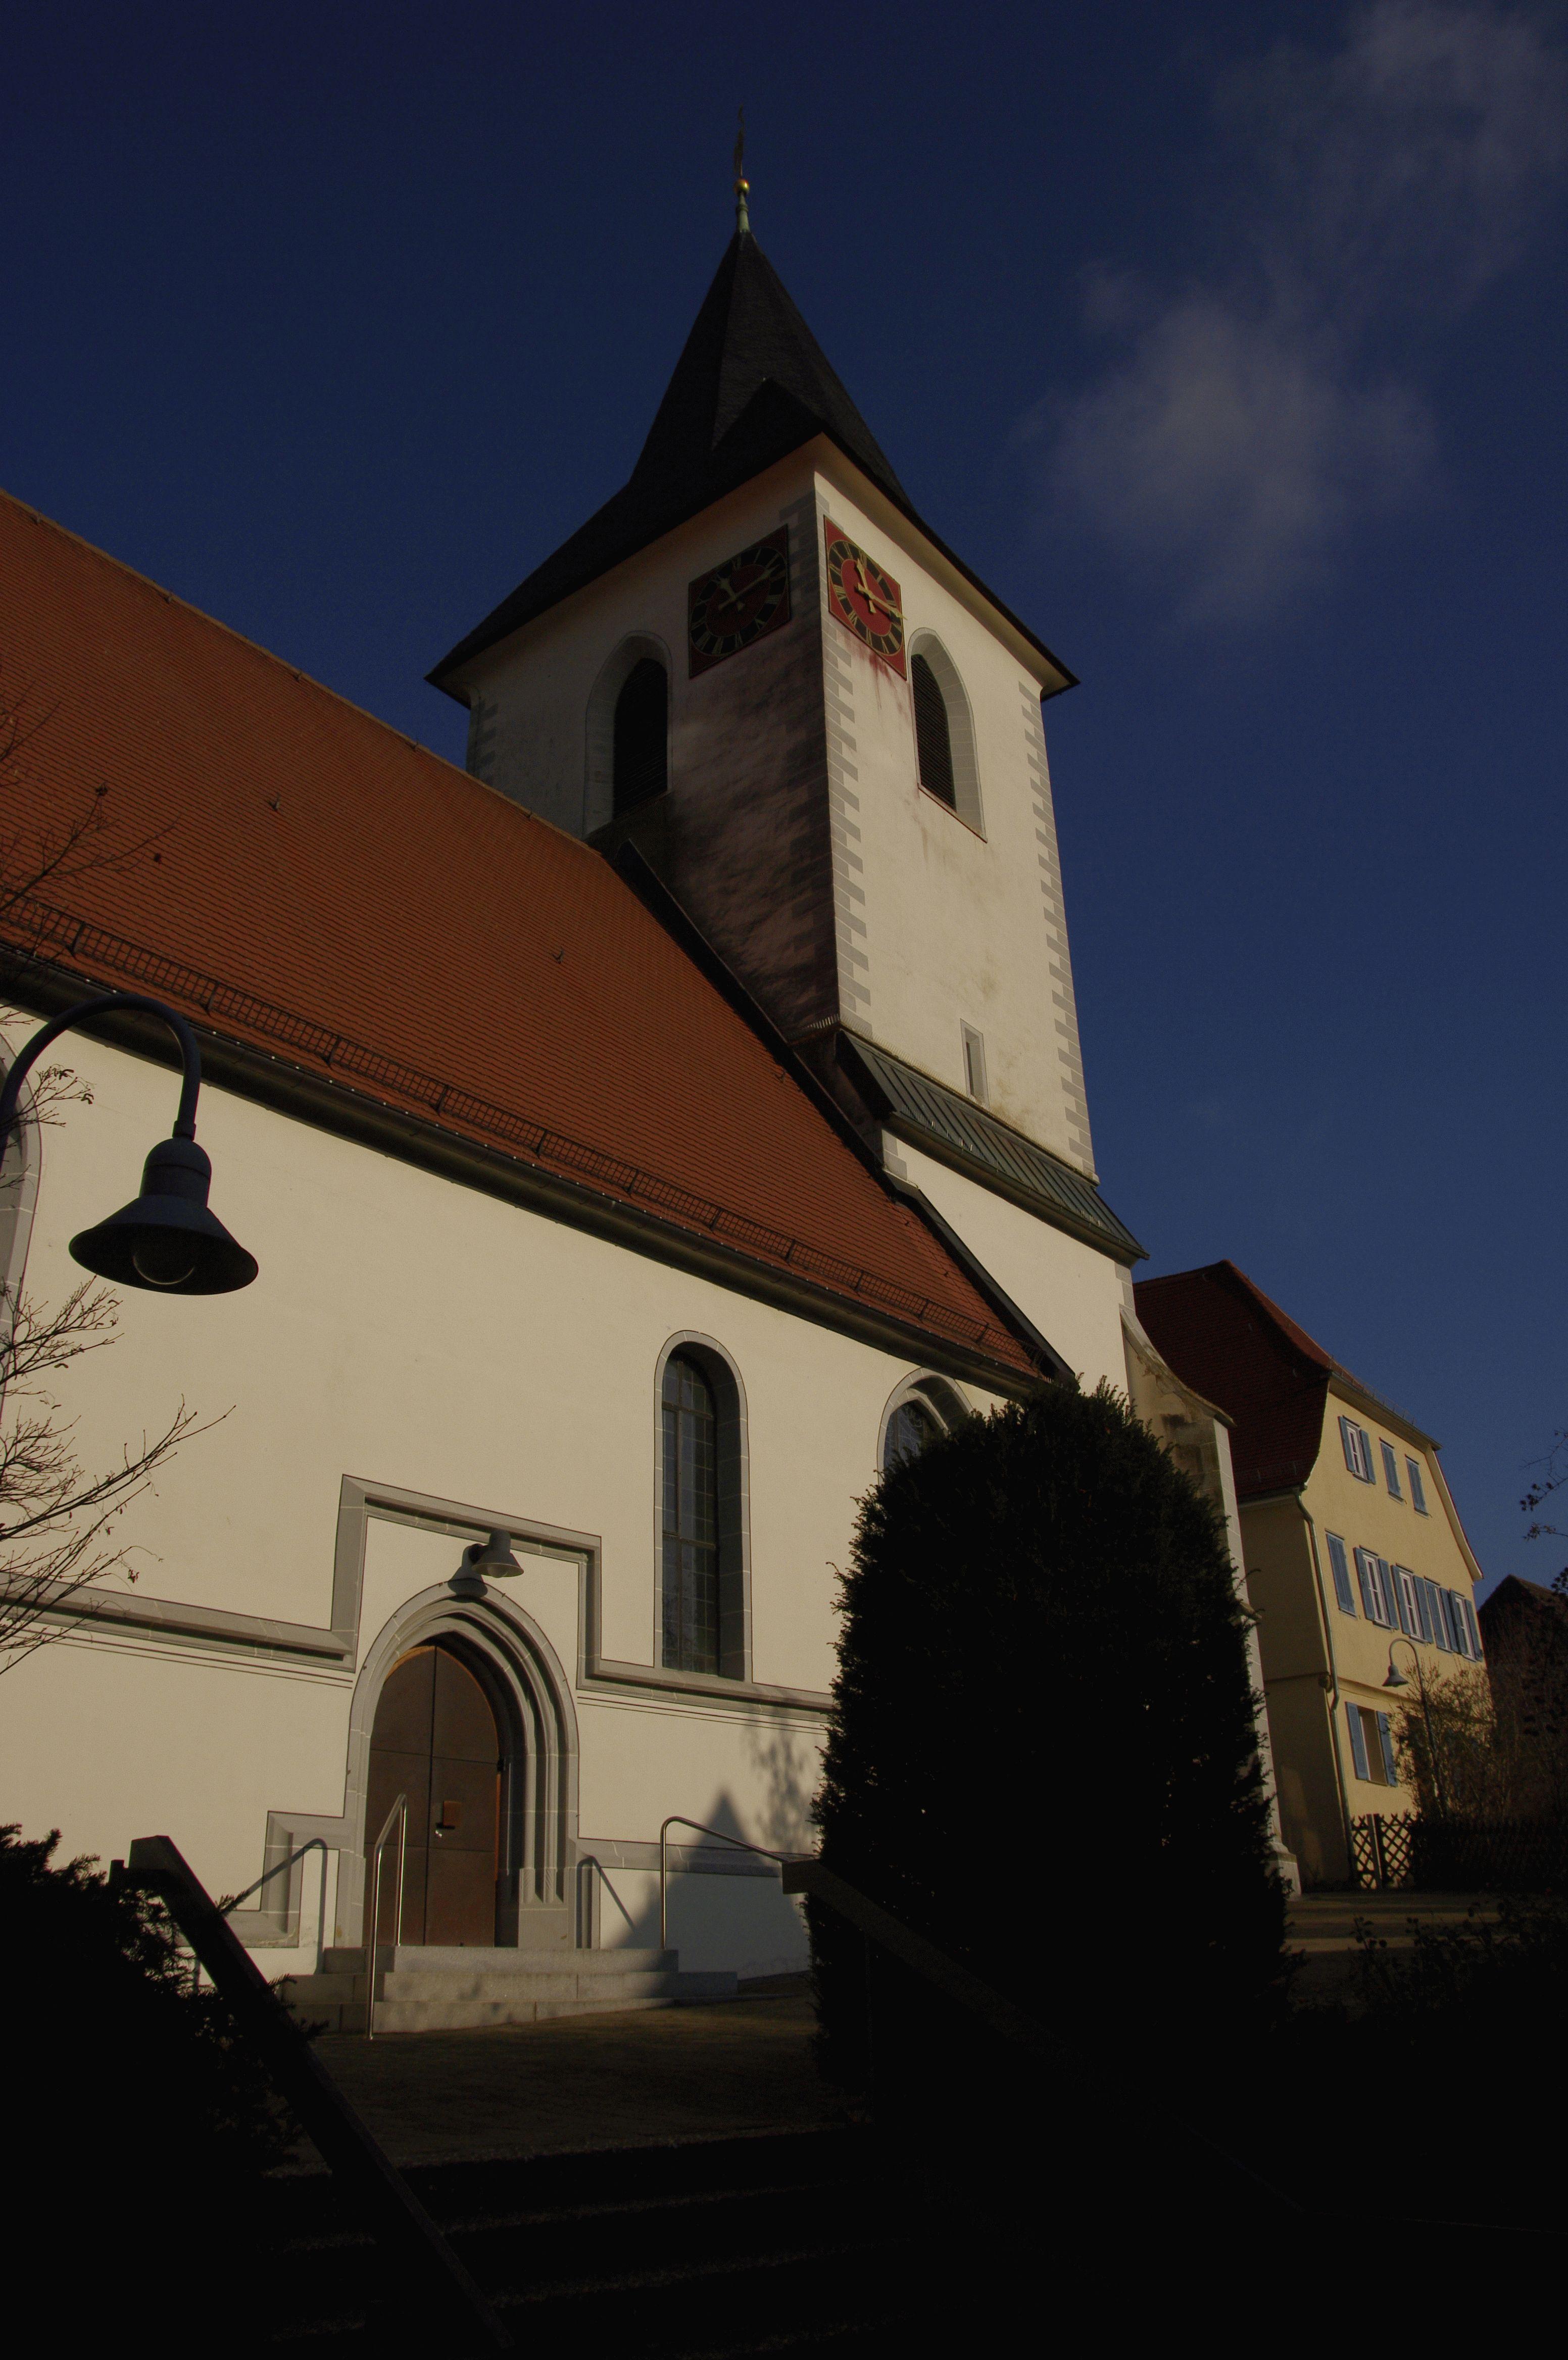 Mauritiuskirche Schwaikheim - Evangelische Kirchengemeinde Schwaikheim